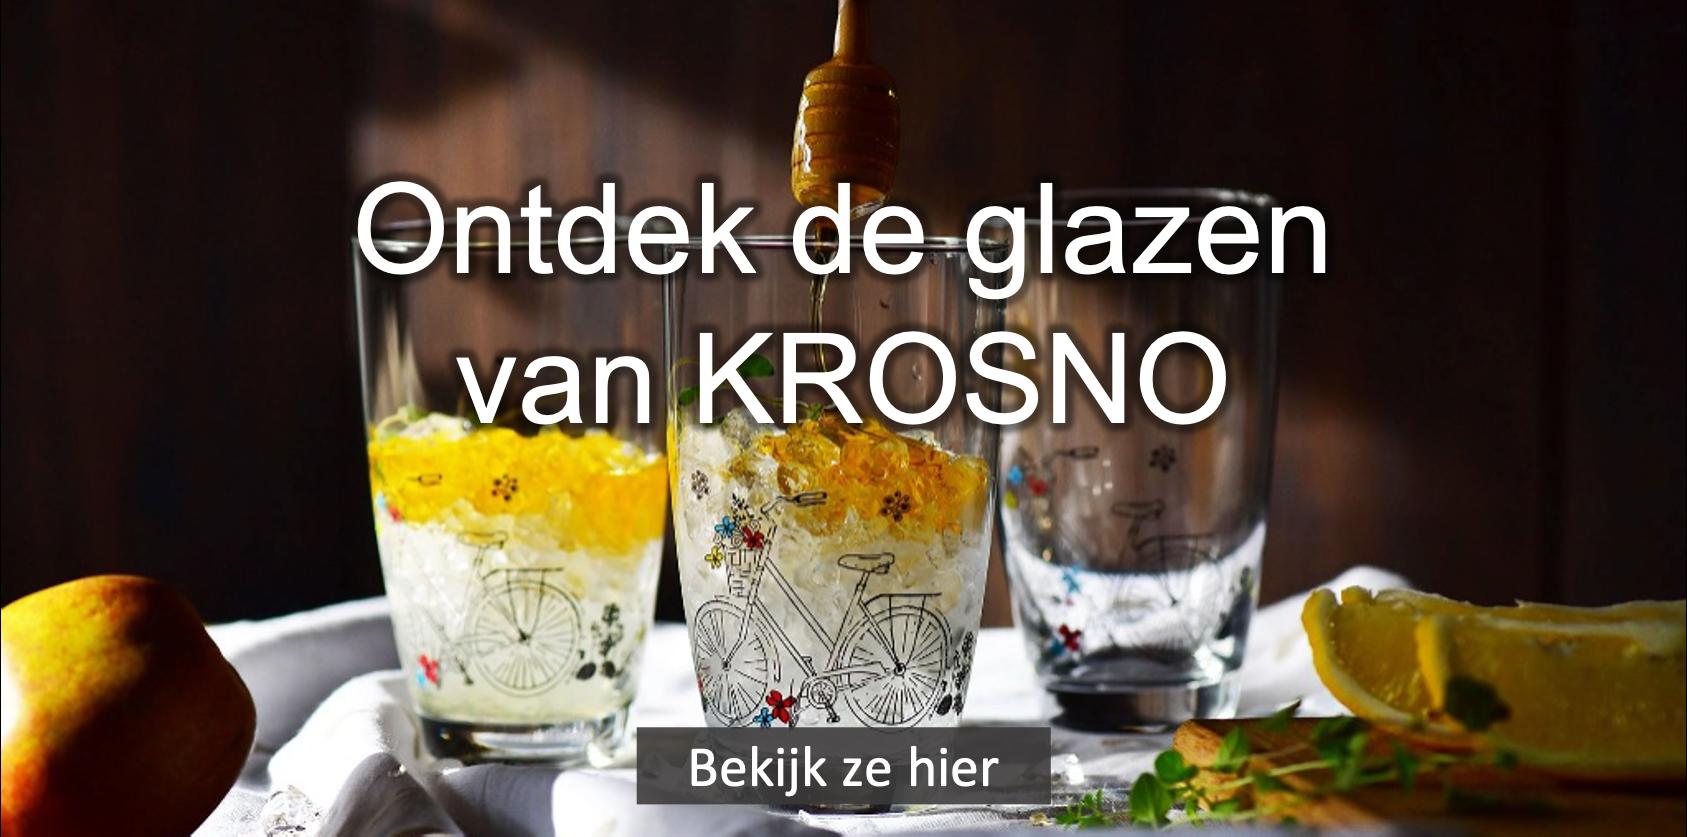 Ontdek de glazen van Krosno